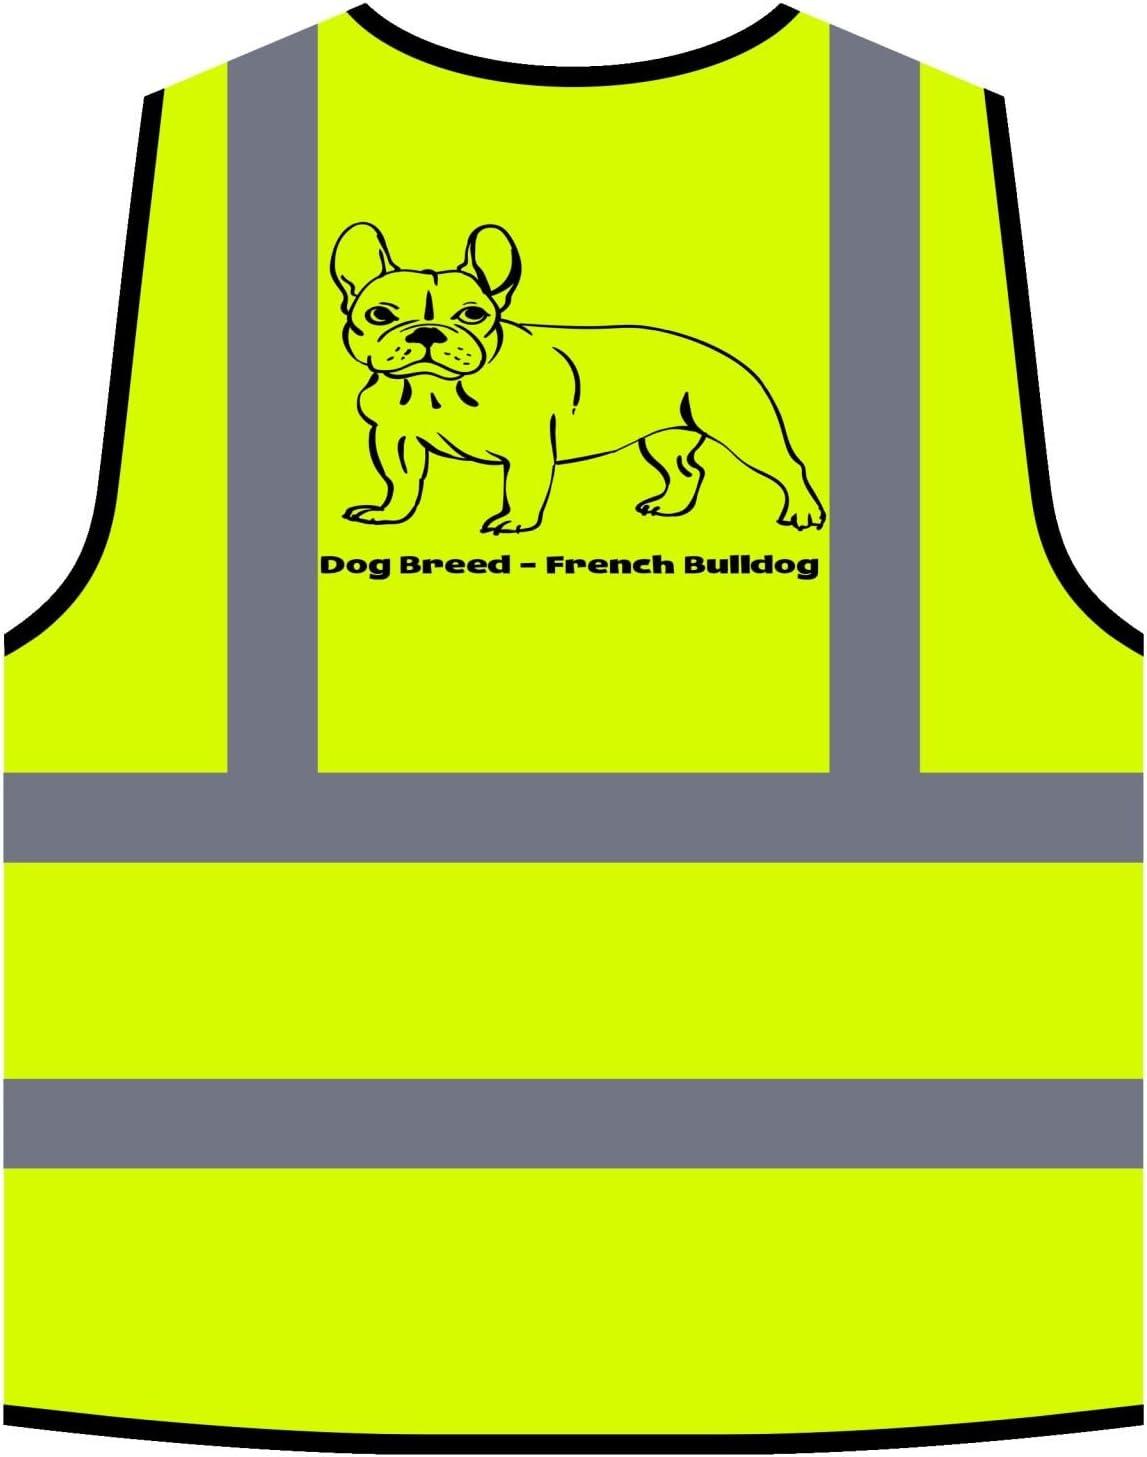 Dog Breed French Bulldog Yellow//Orange Safety Vest s810v